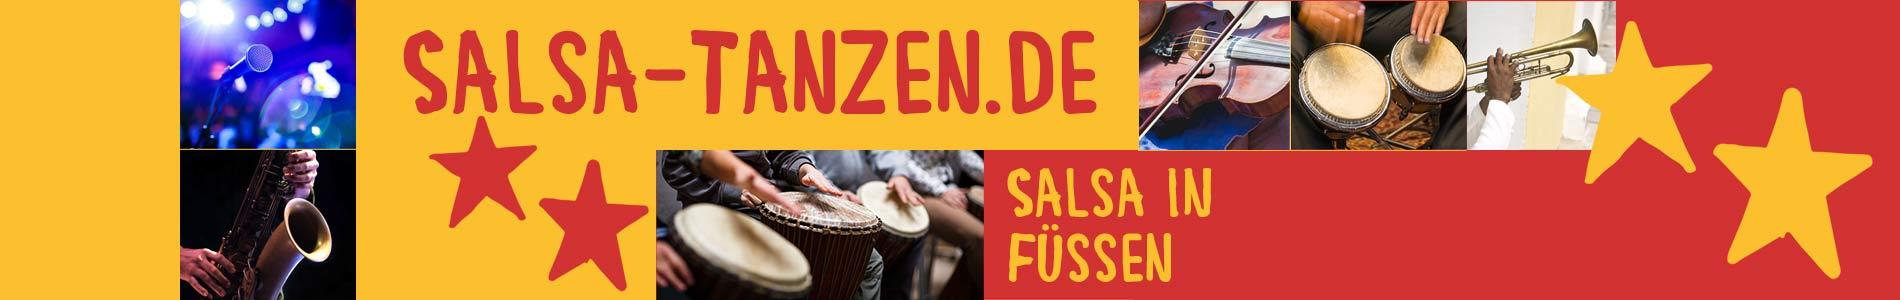 Salsa in Essen – Salsa lernen und tanzen, Tanzkurse, Partys, Veranstaltungen